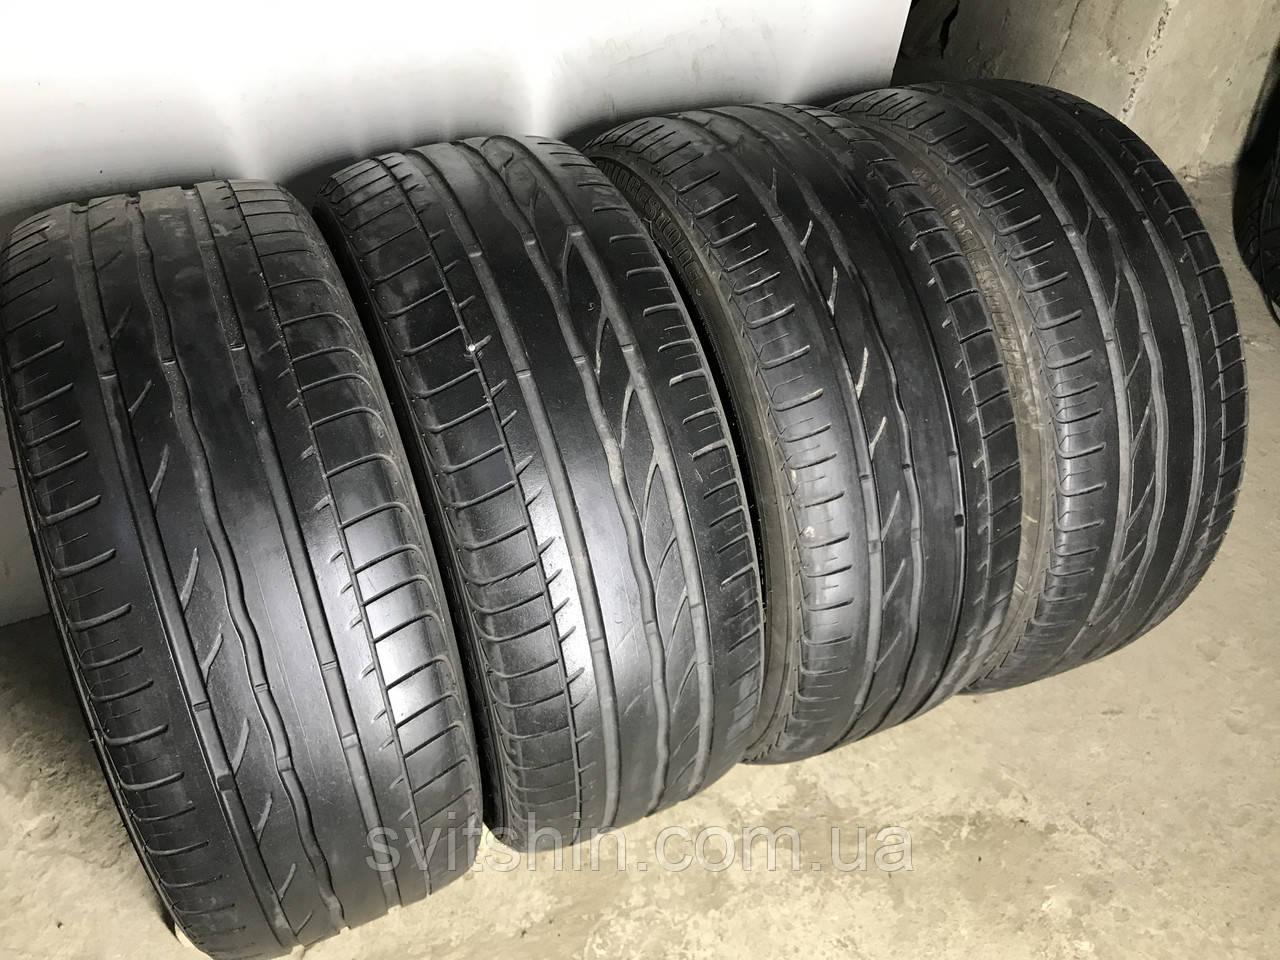 Шини бу літні 245/45R18 Bridgestone Turanza ER300 RFT (4-5мм) 4шт